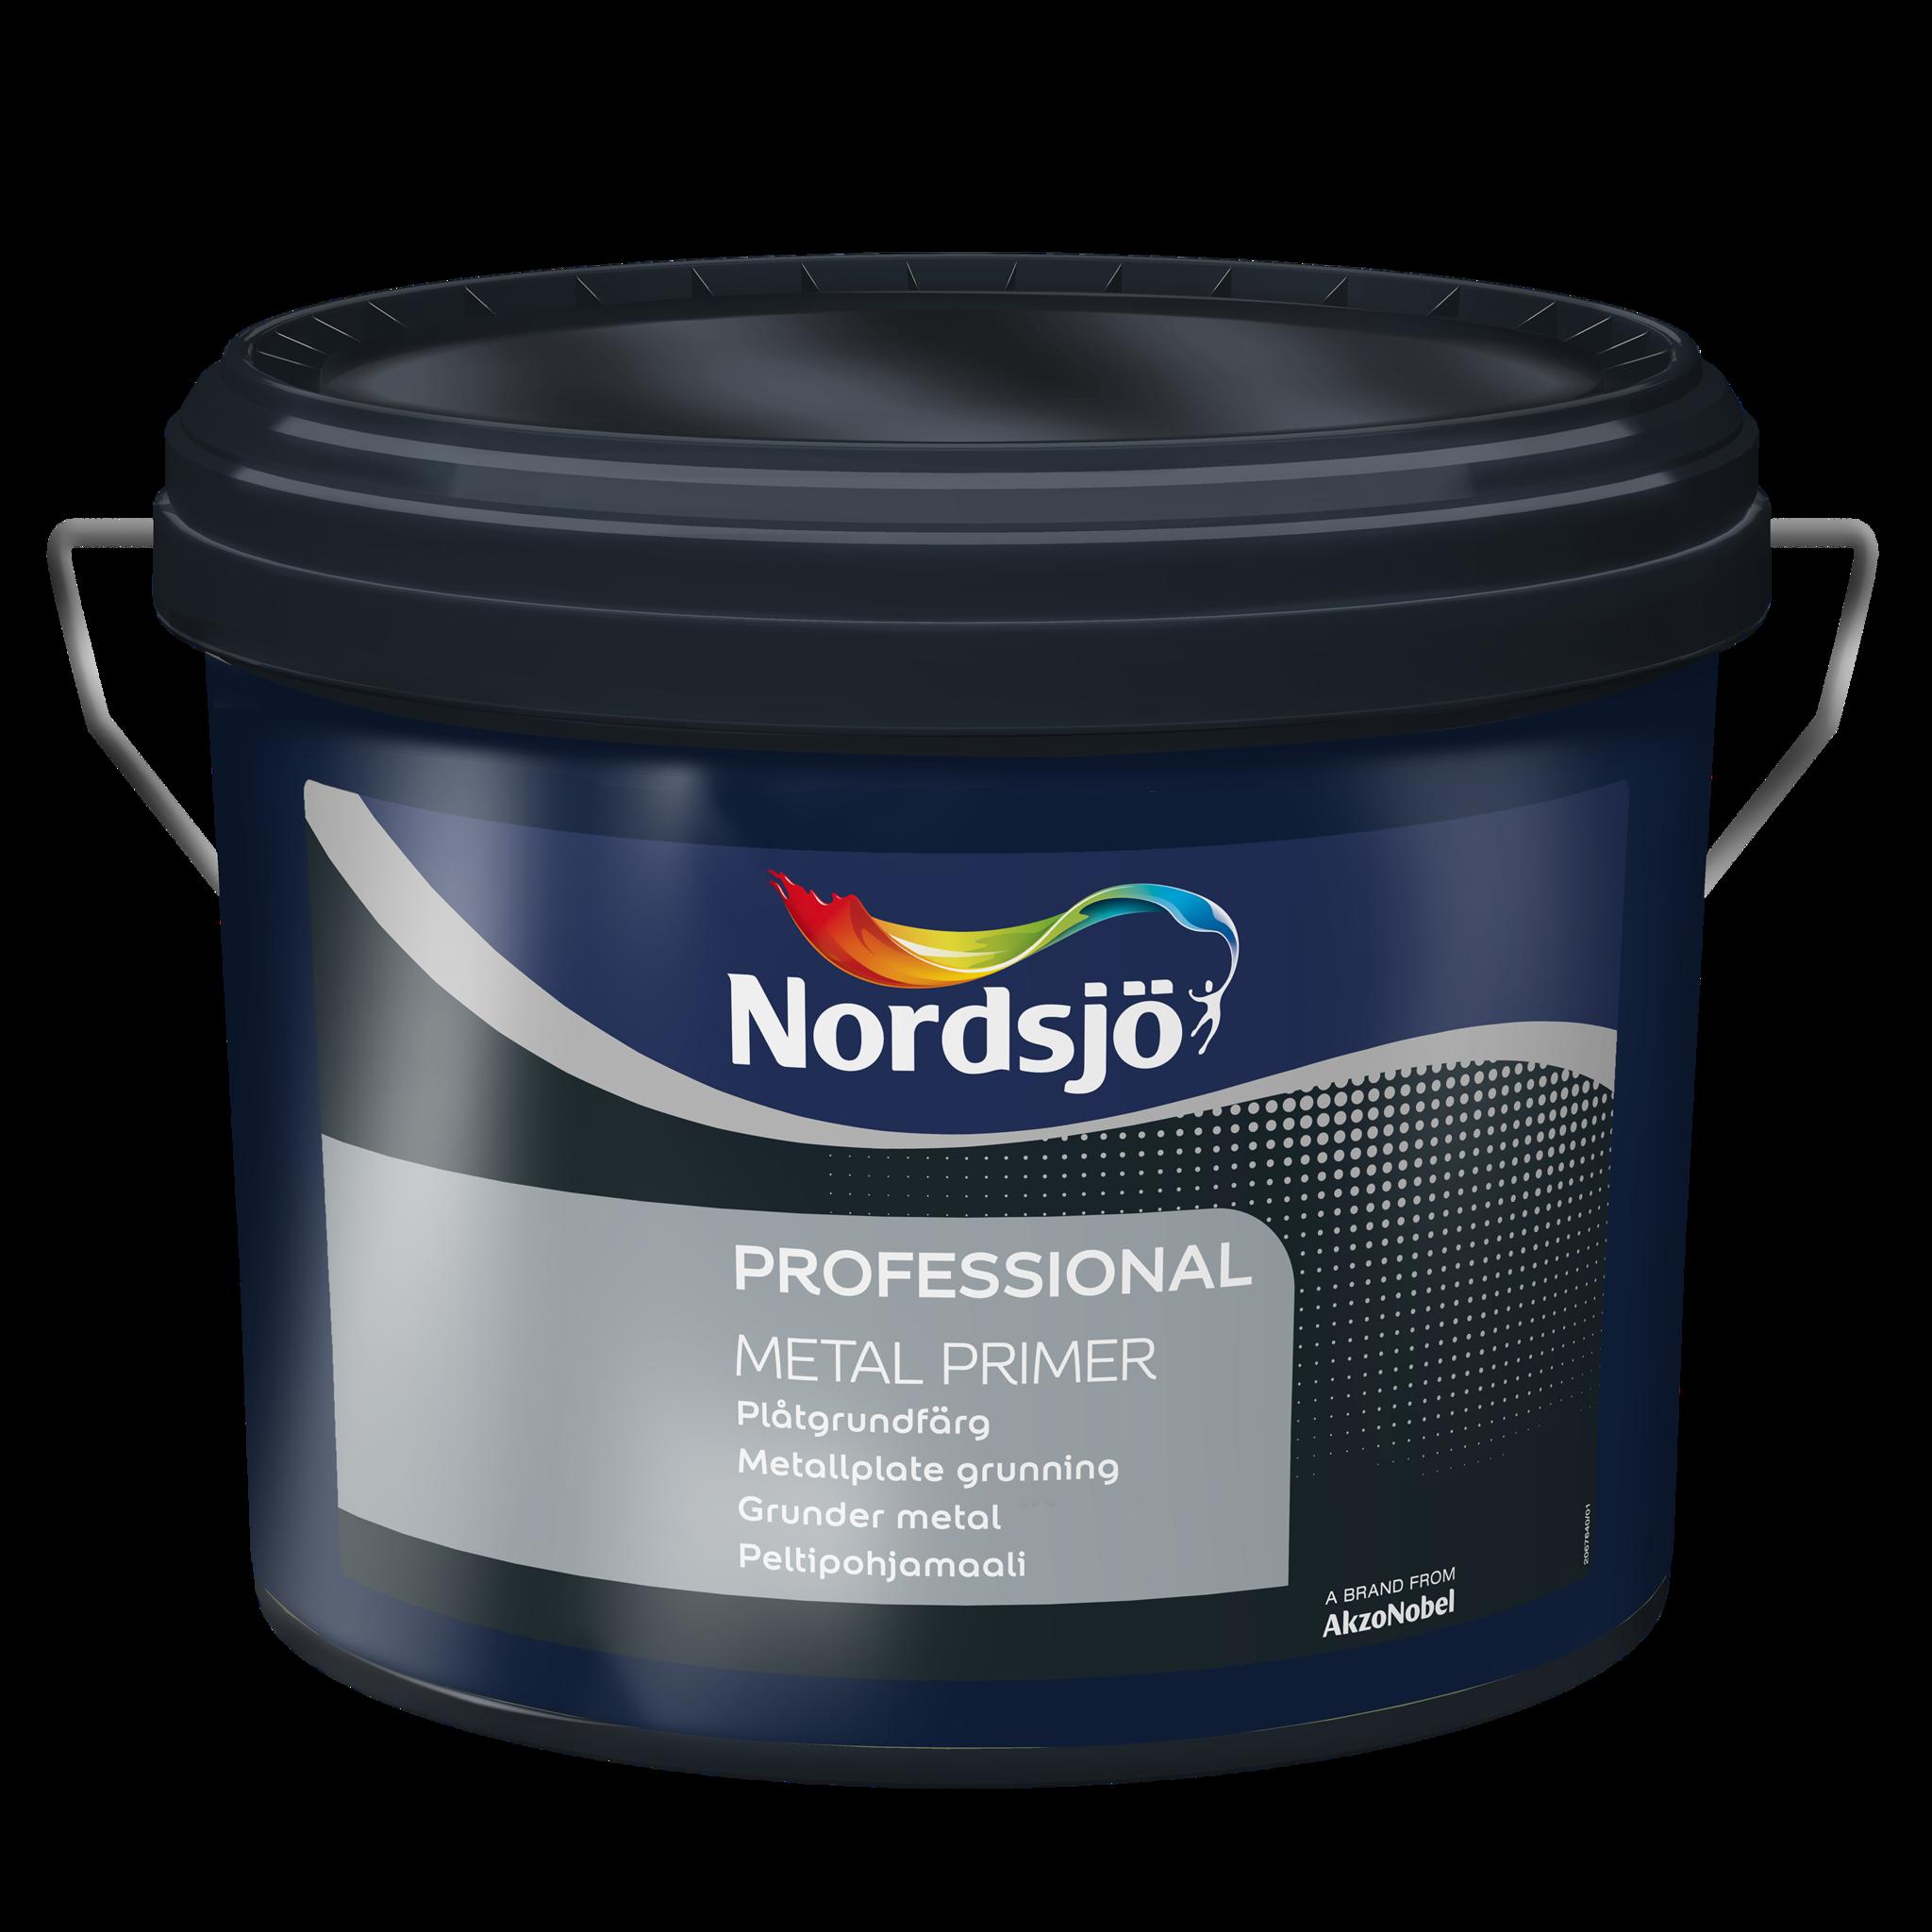 Nordsjö Professional Metal Primer